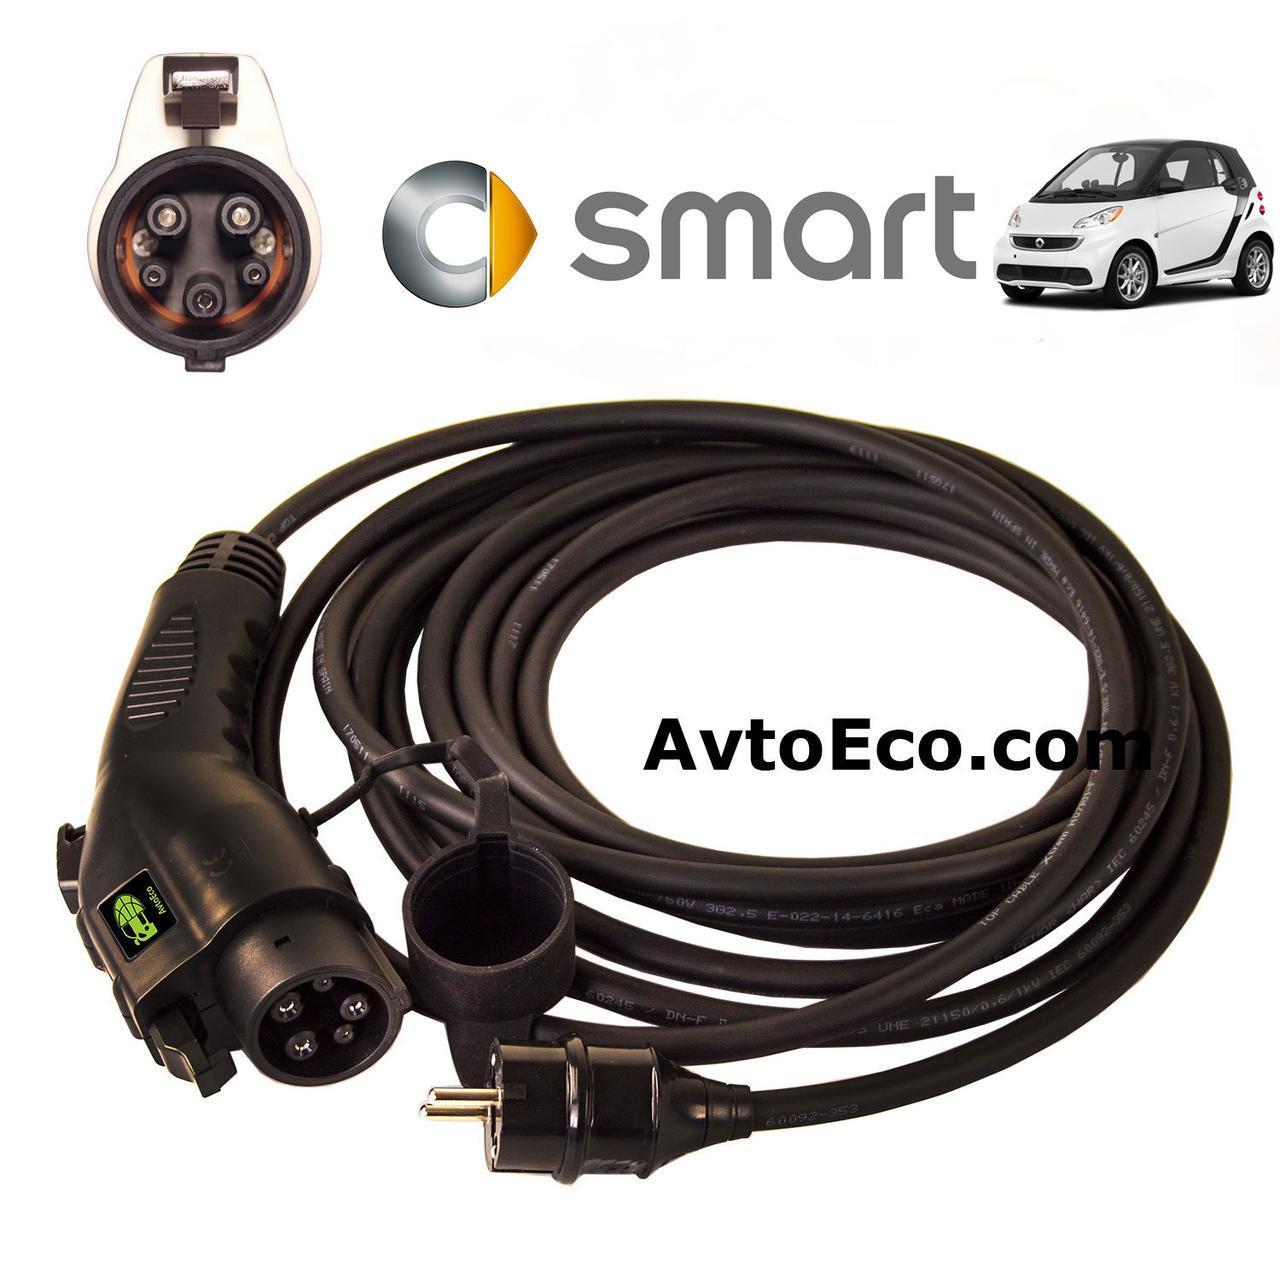 Зарядное устройство для электромобиля Smart Electric Drive AutoEco J1772-16A